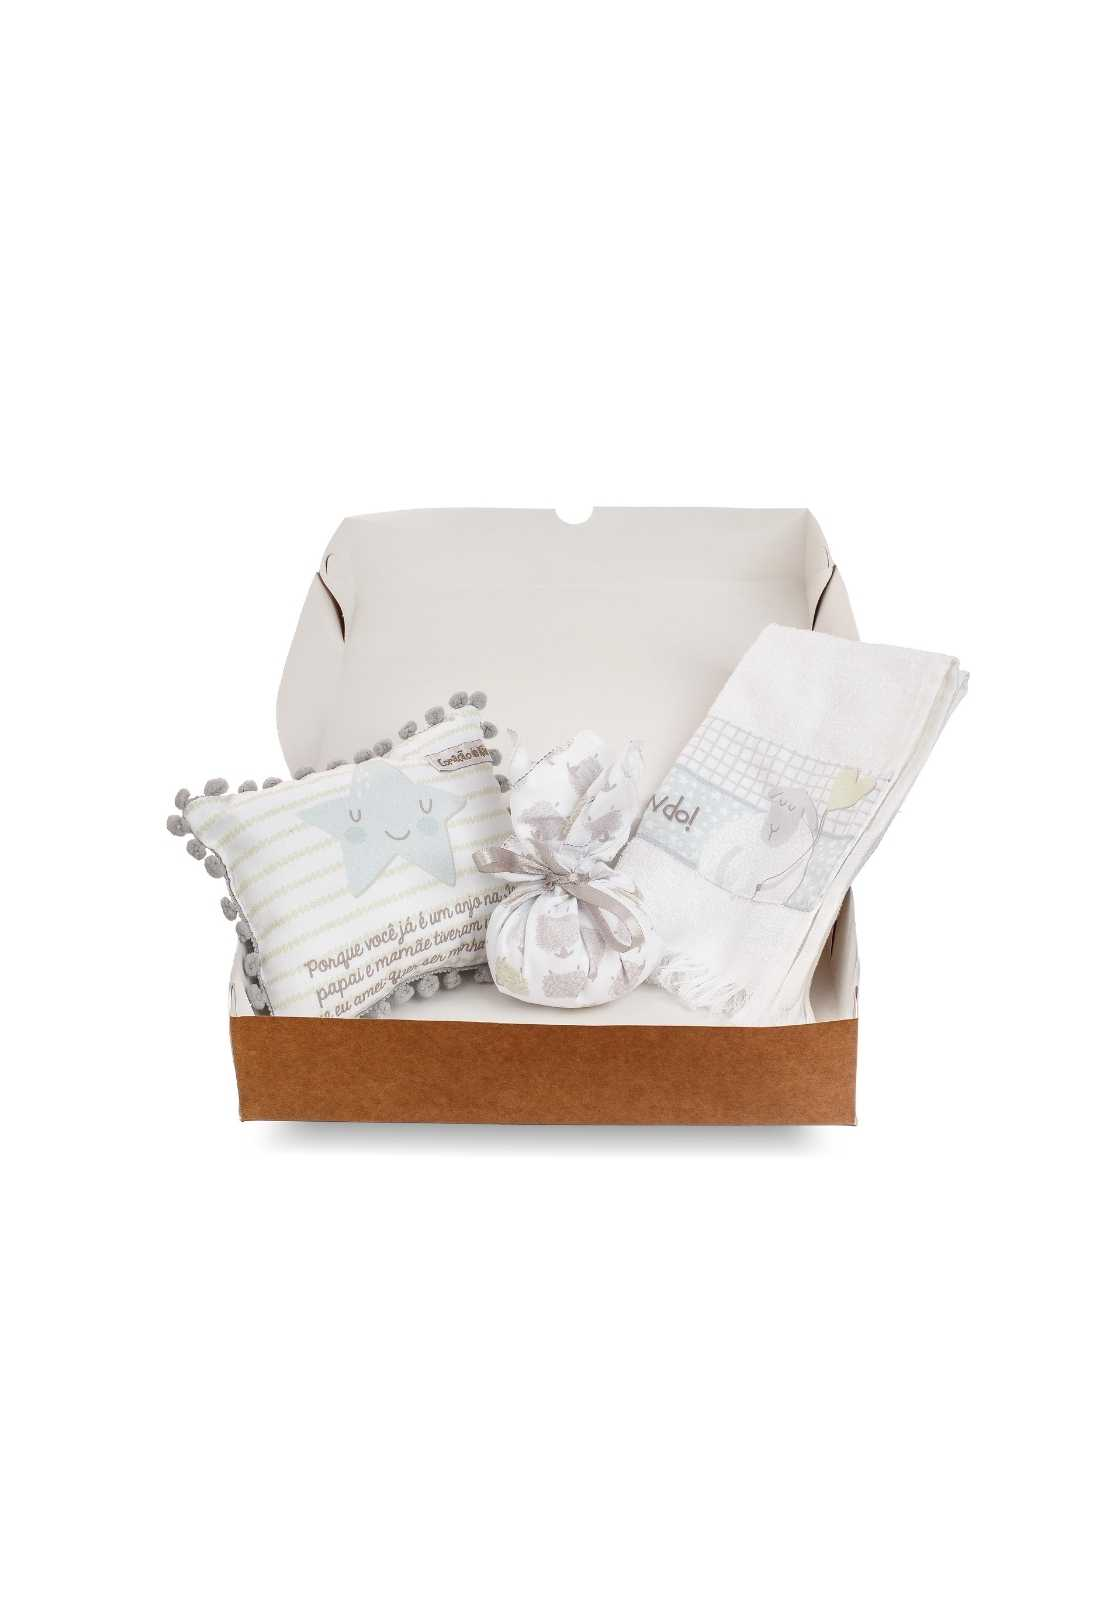 Kit Dindo - Almofadinha, Sachê e Toalha de Mão - Coleção Ovelhas